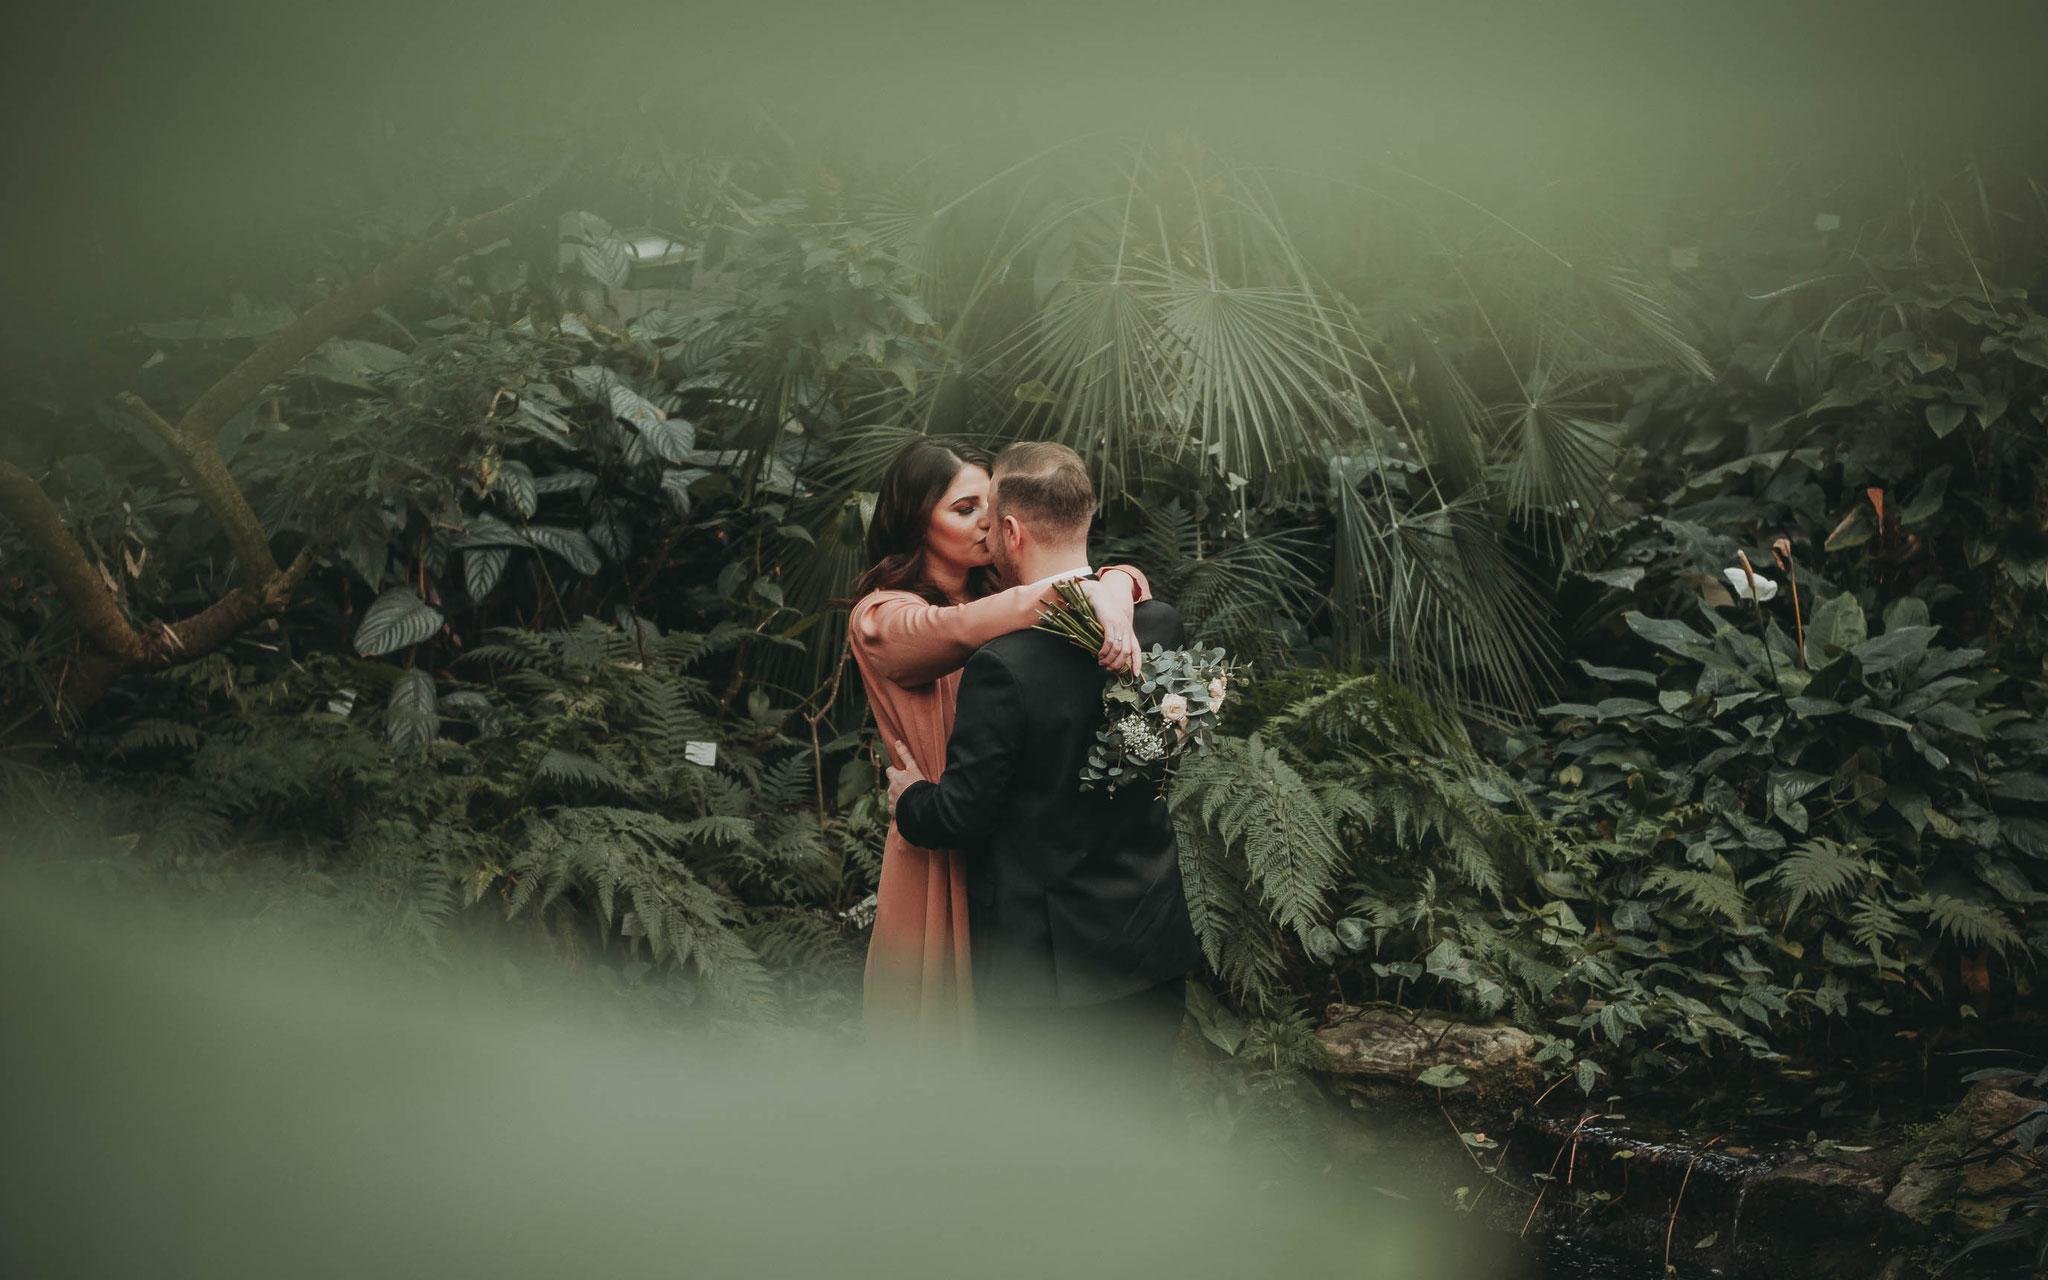 Kameramann für russische Hochzeit türkische Verlobung deutsche Veranstaltung in Ochsenfurt und Deutschlandweit